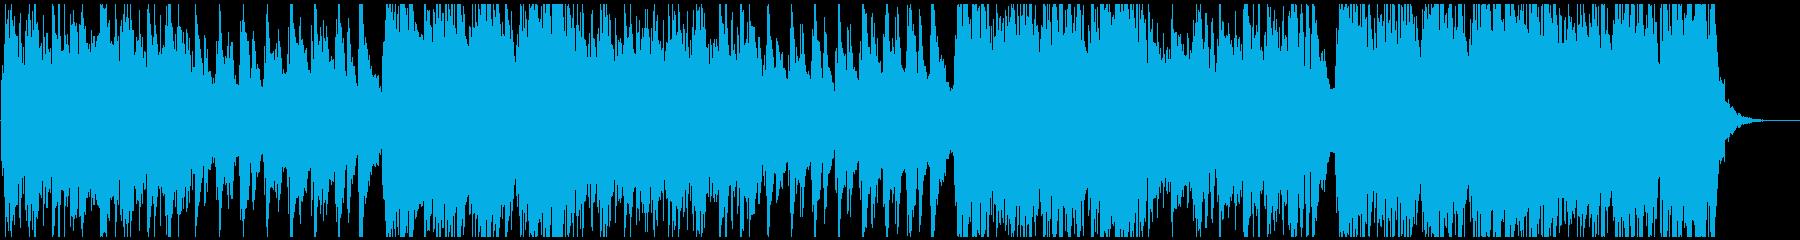 ドラムレス、美しいアルペジオバラードの再生済みの波形